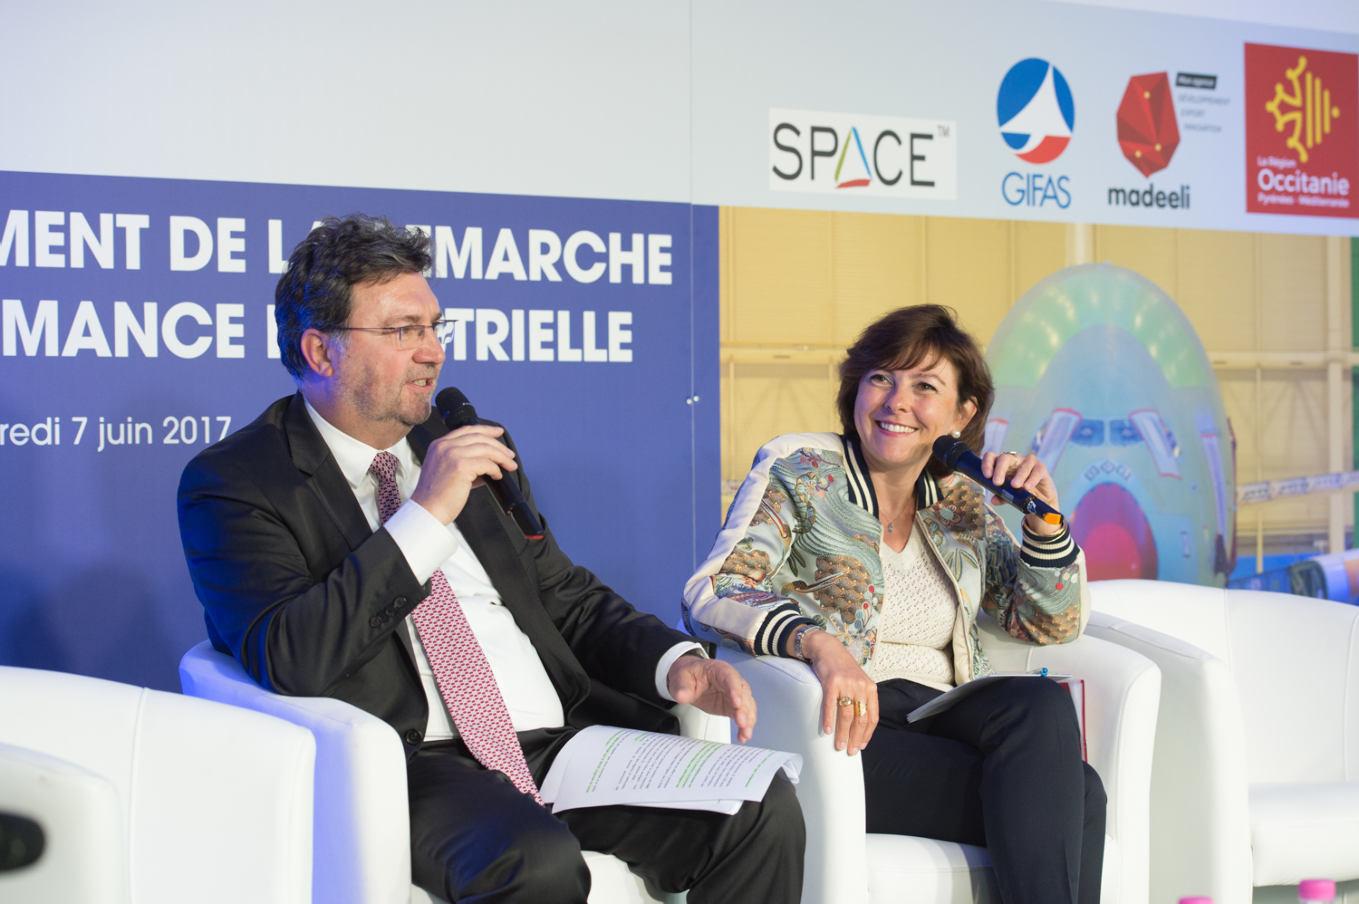 La région Occitanie et le Gifas lancent la phase 2 de Performance industrielle